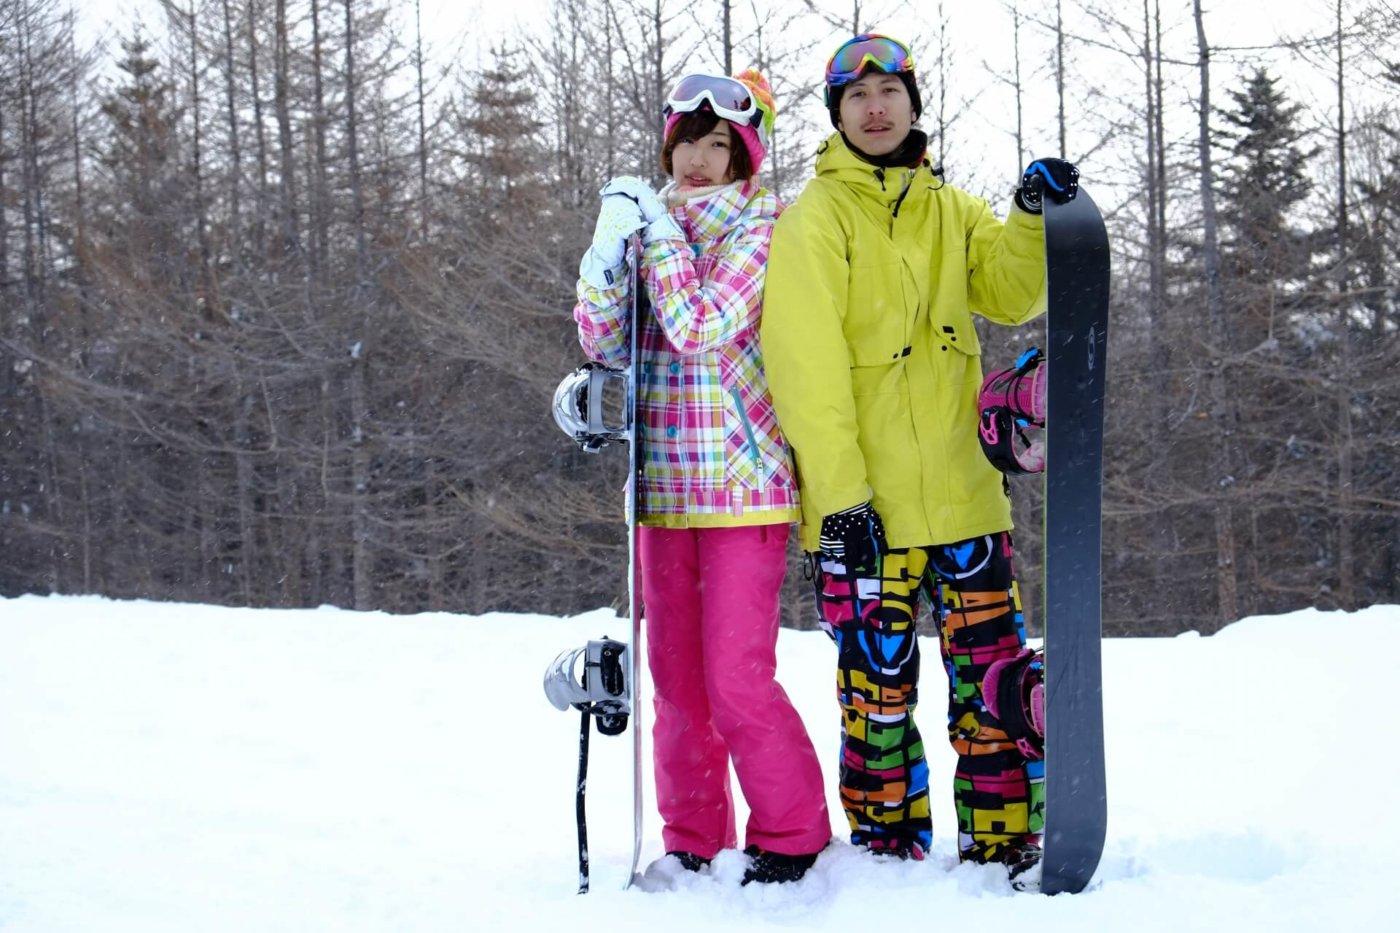 スノーボードの板はどれを買う?【厳選】人気ブランド